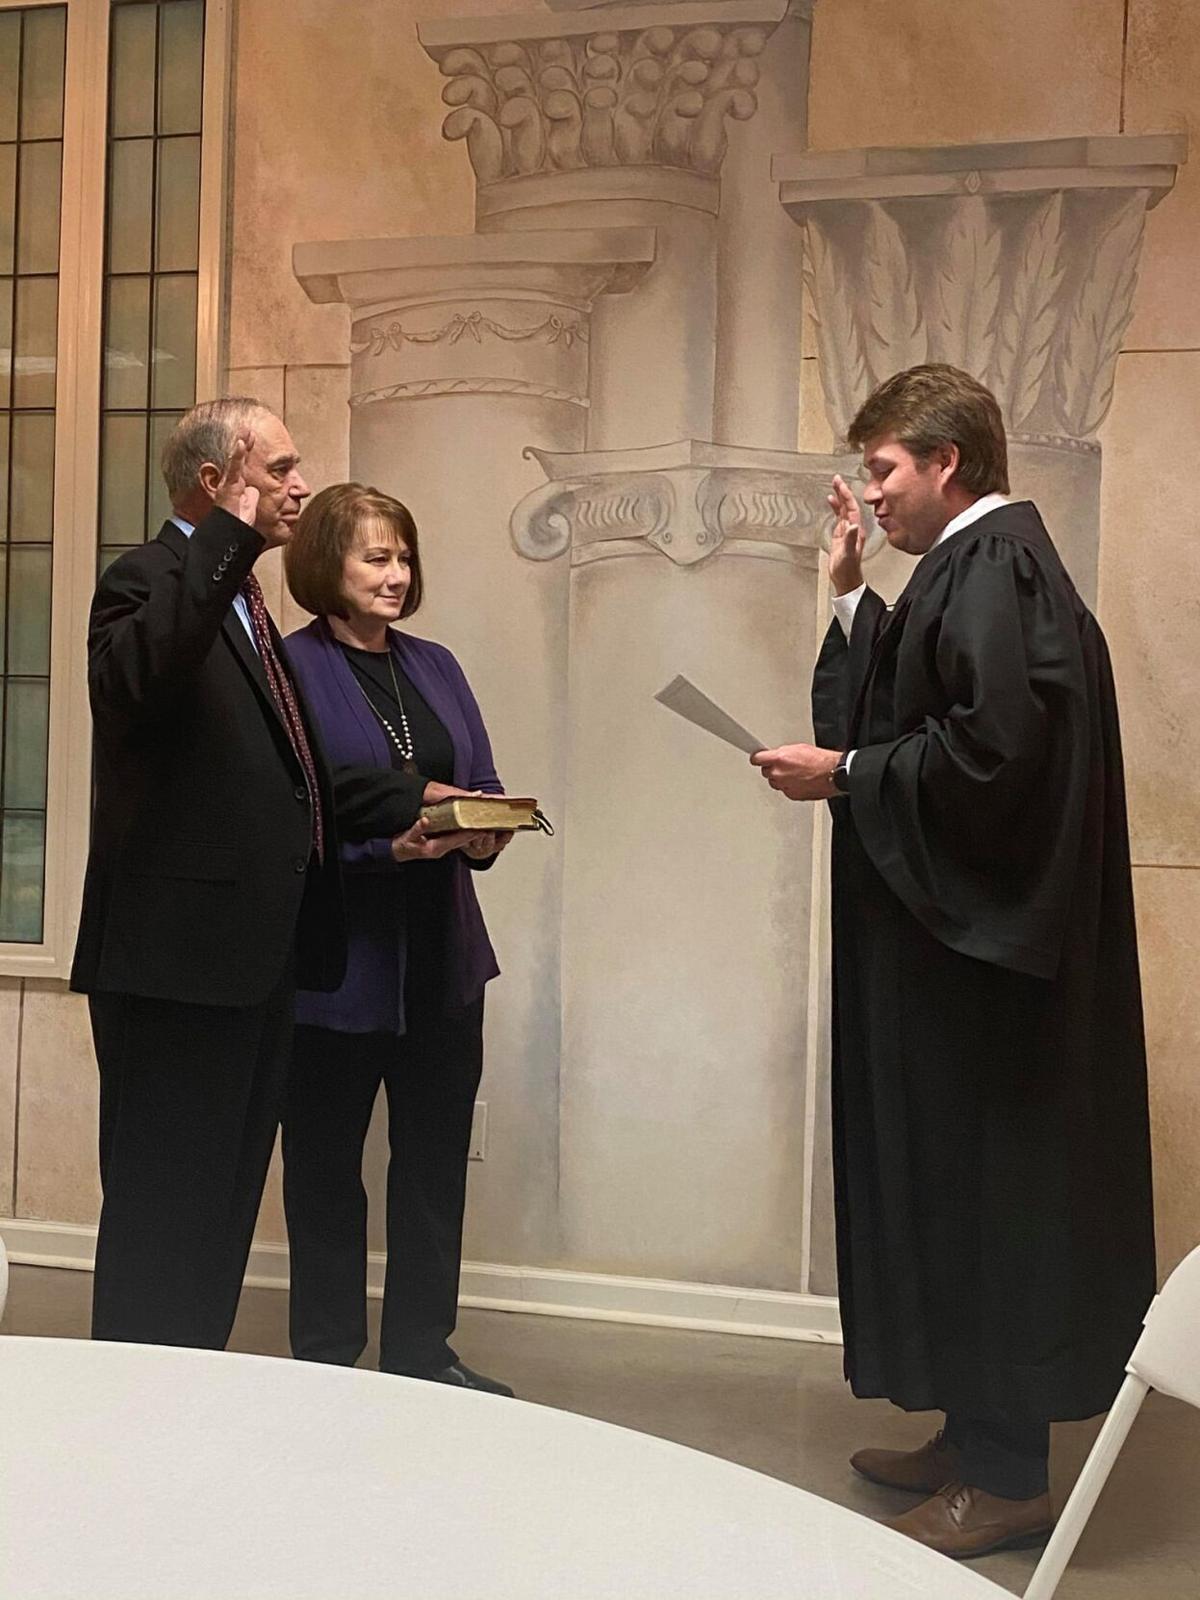 Barksdale sworn in